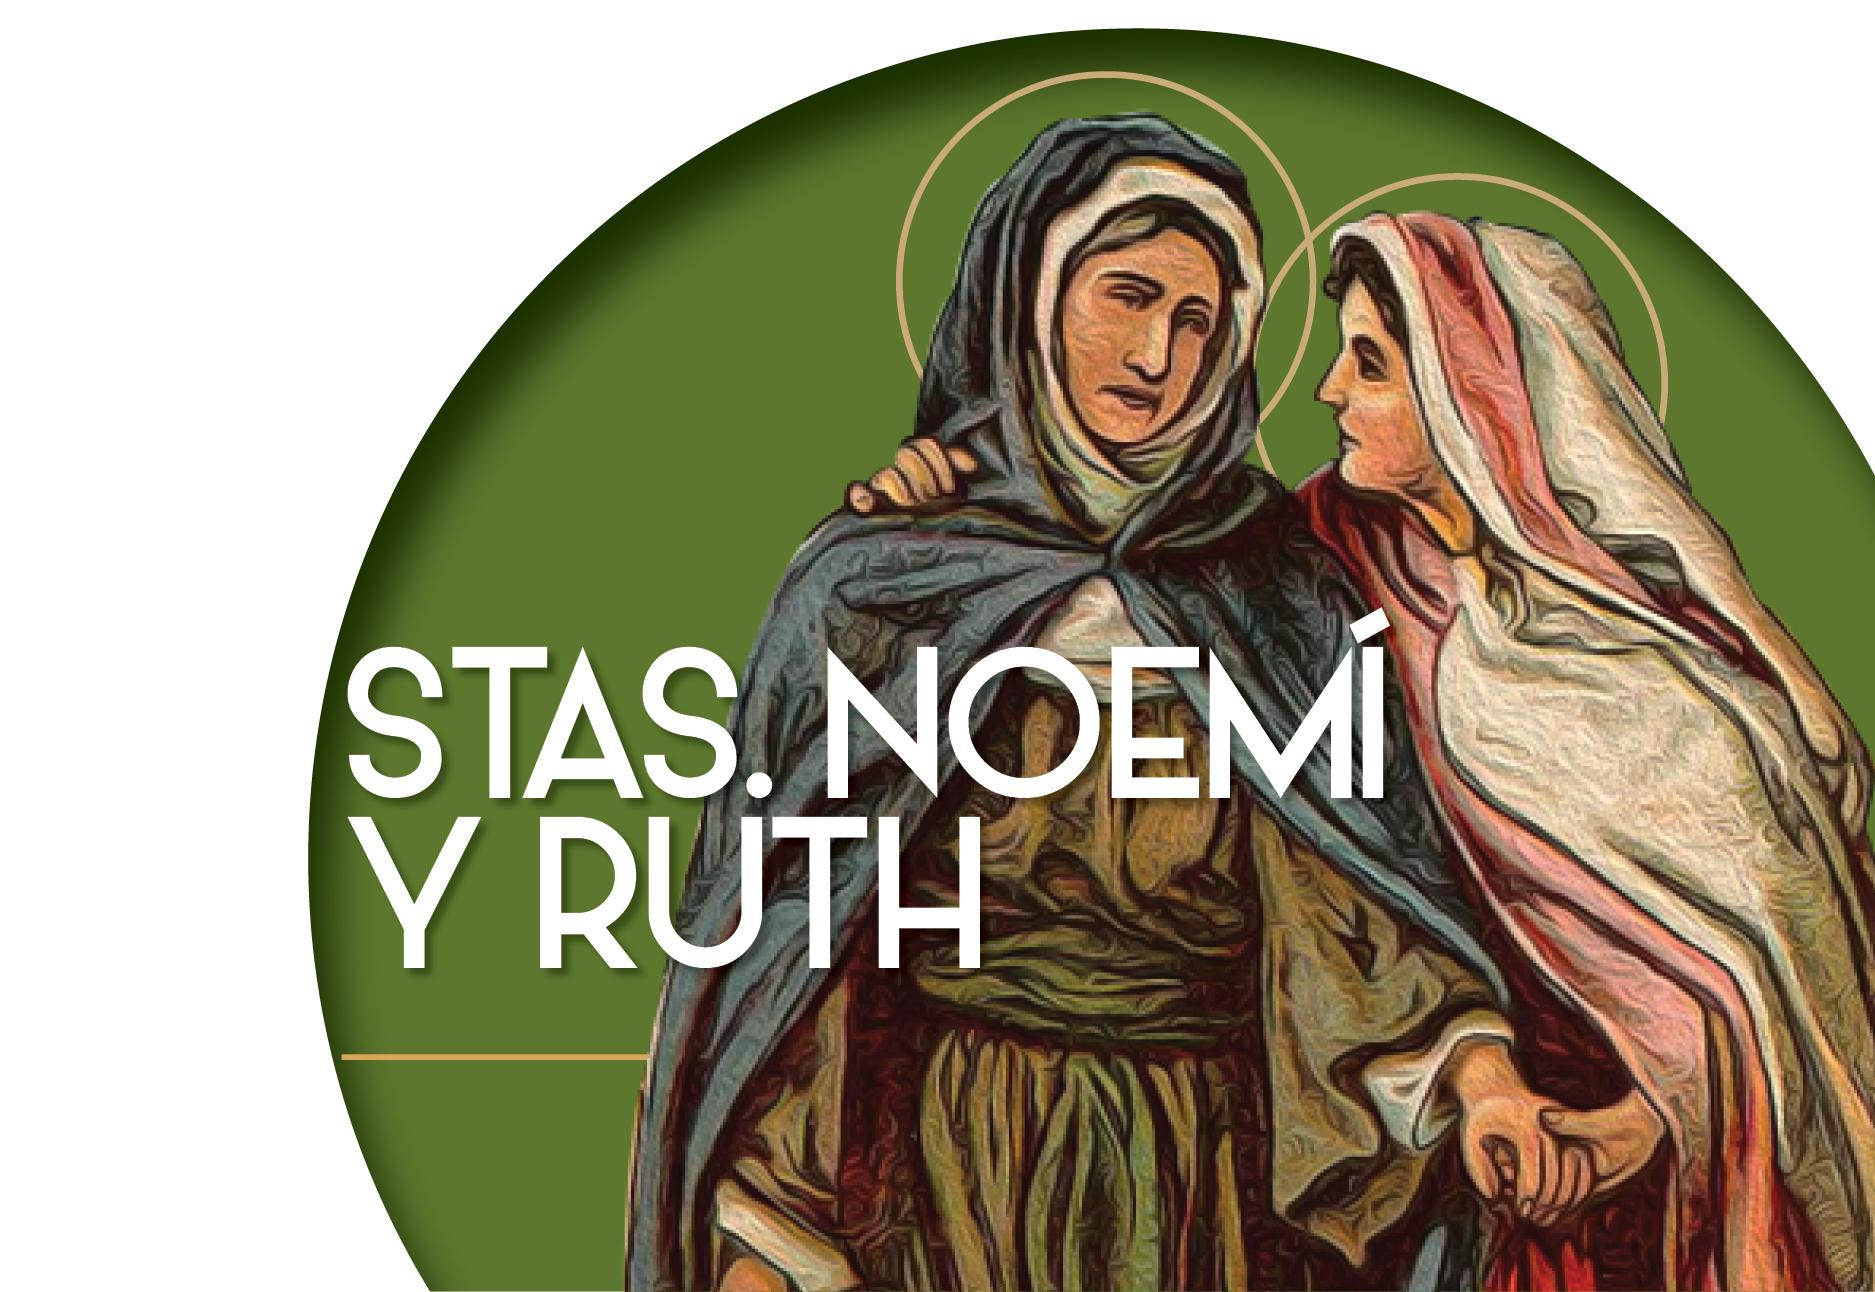 Stas. Noemí y Ruth